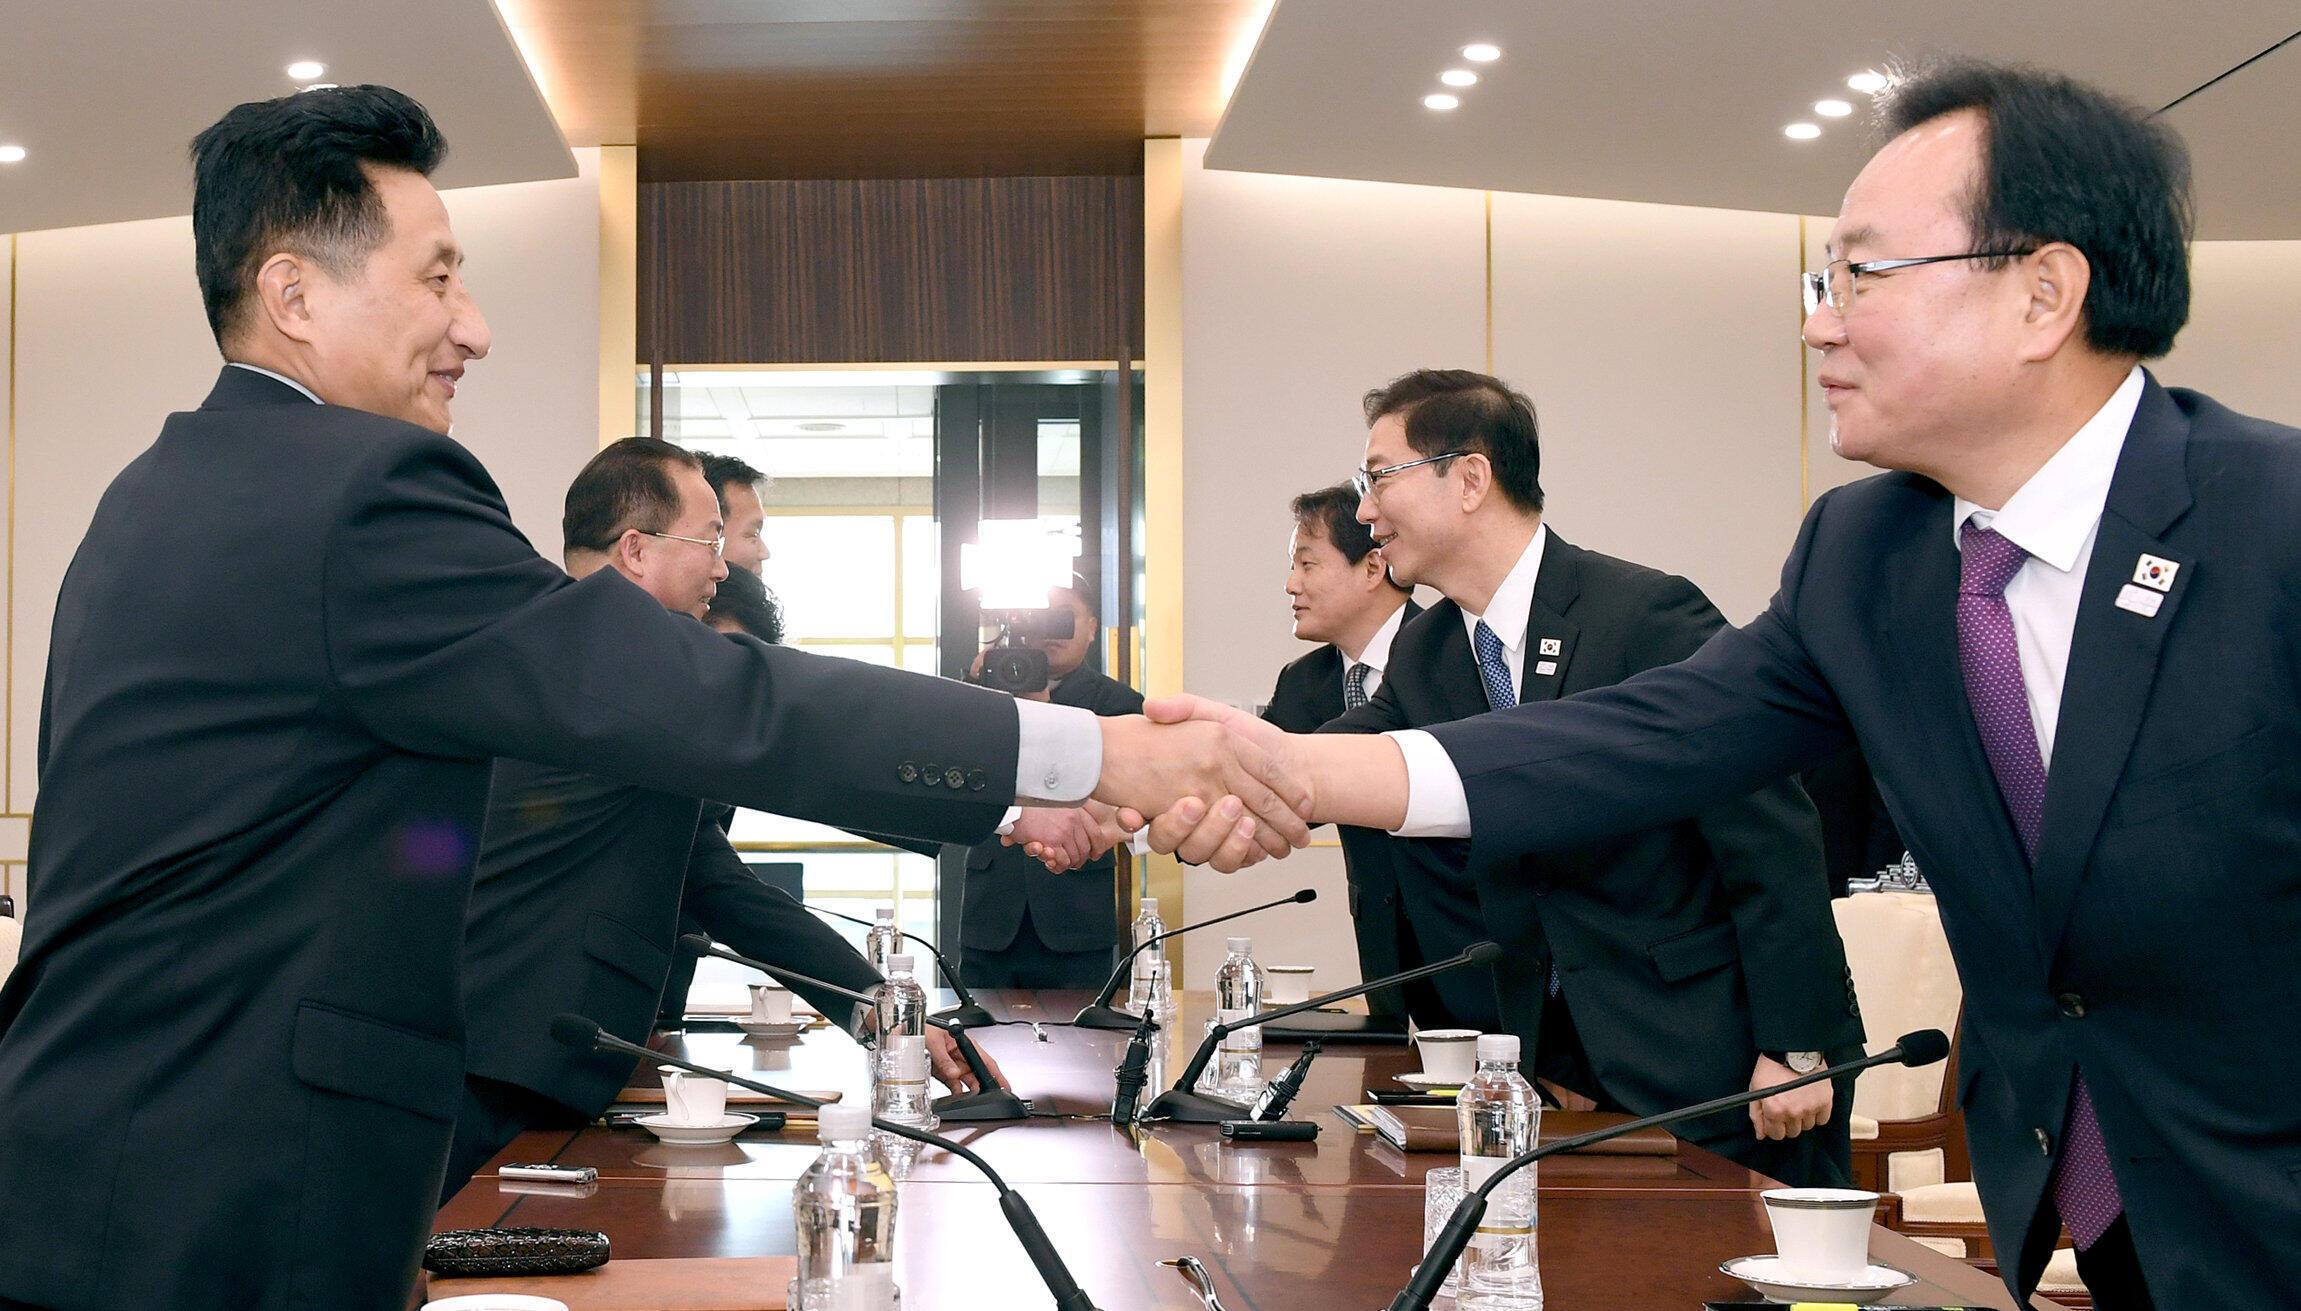 Les délégués de Corée du Nord (à gauche) et leurs homologues du Sud se serrent la main, lors d'une réunion à Panmunjom, ce 17 janvier 2018.